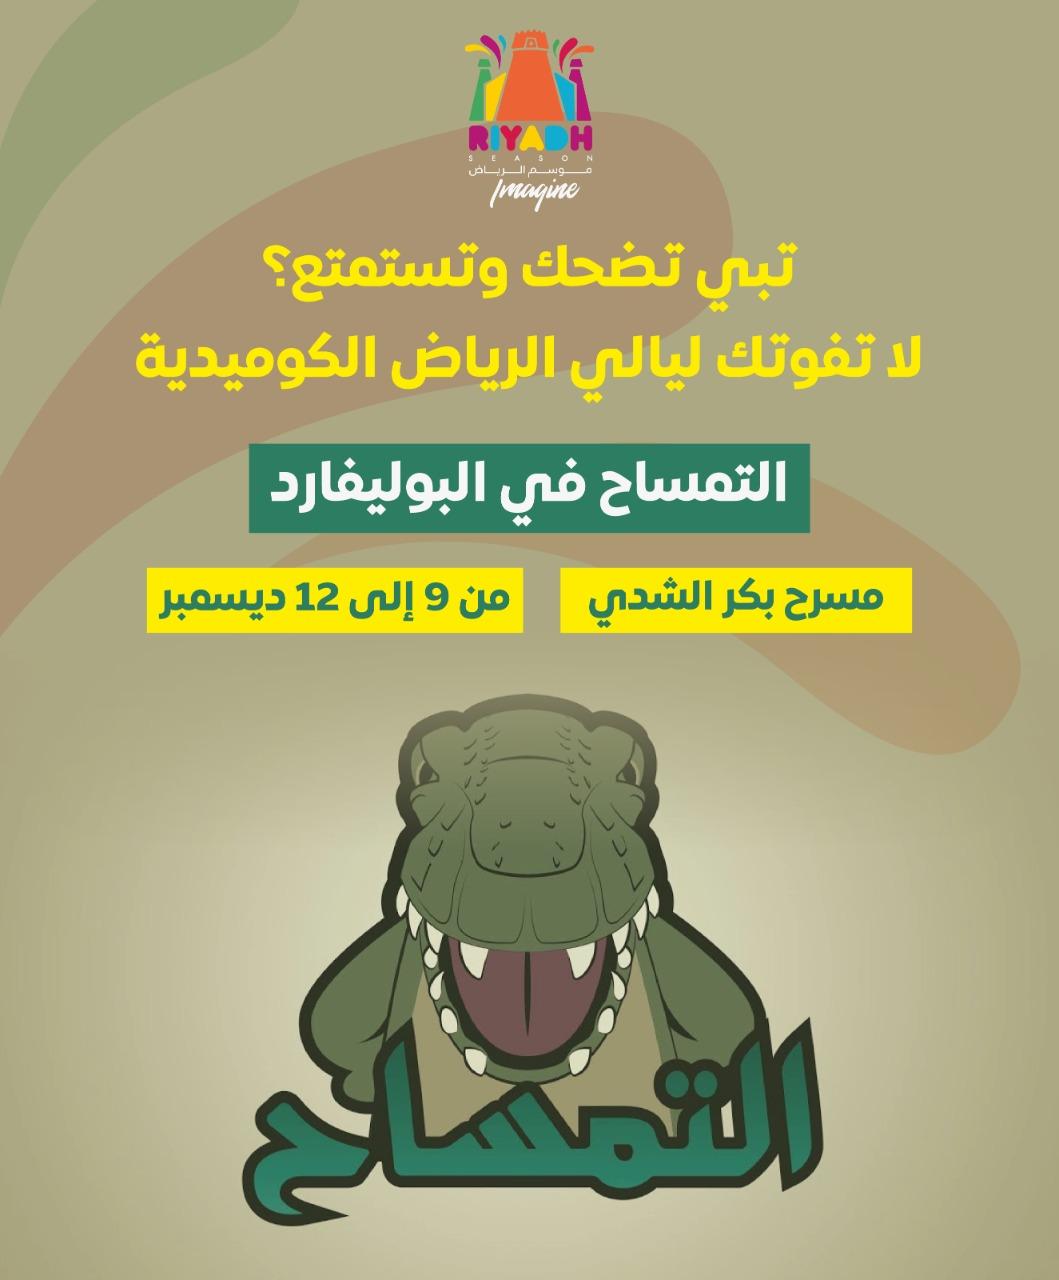 التمساح في #موسم_الرياض